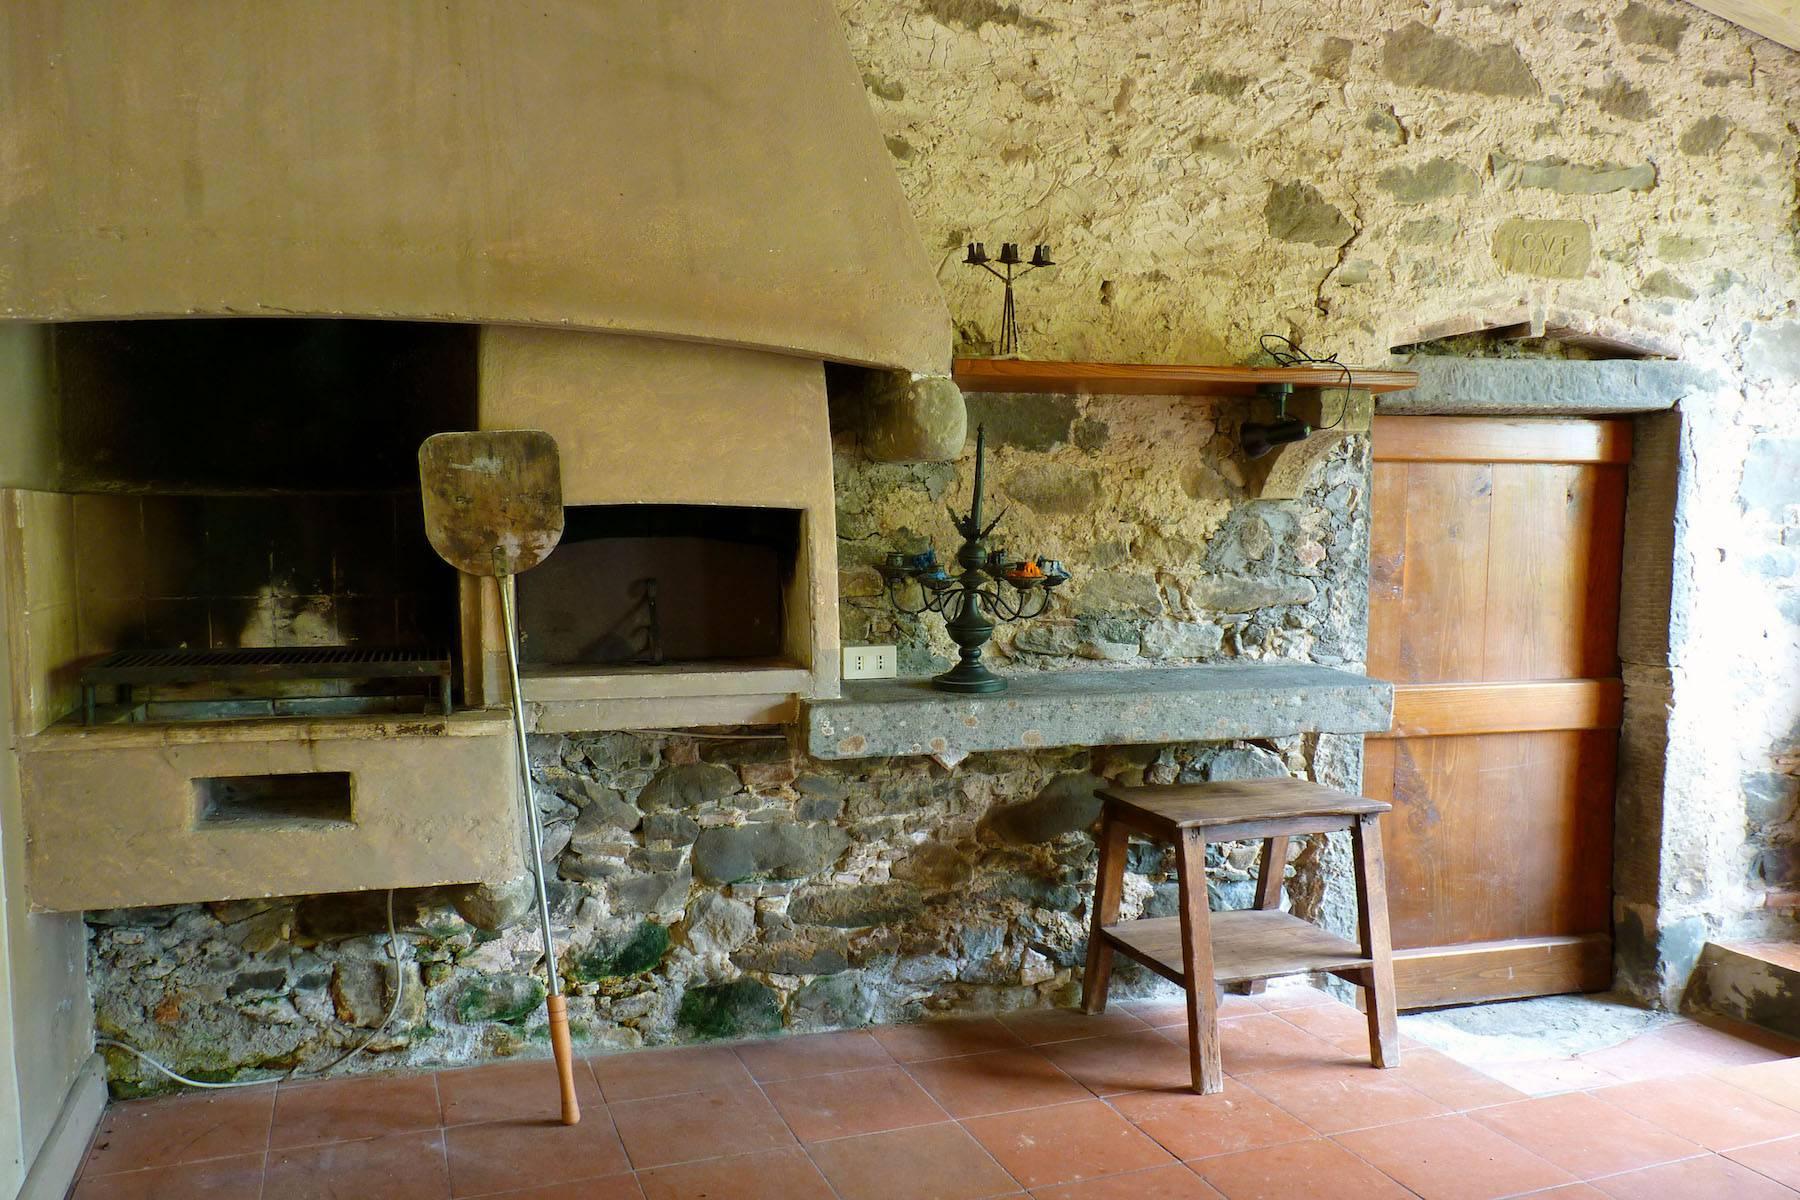 Maison de campagne enchantée sur les collines autour de Lucca - 6